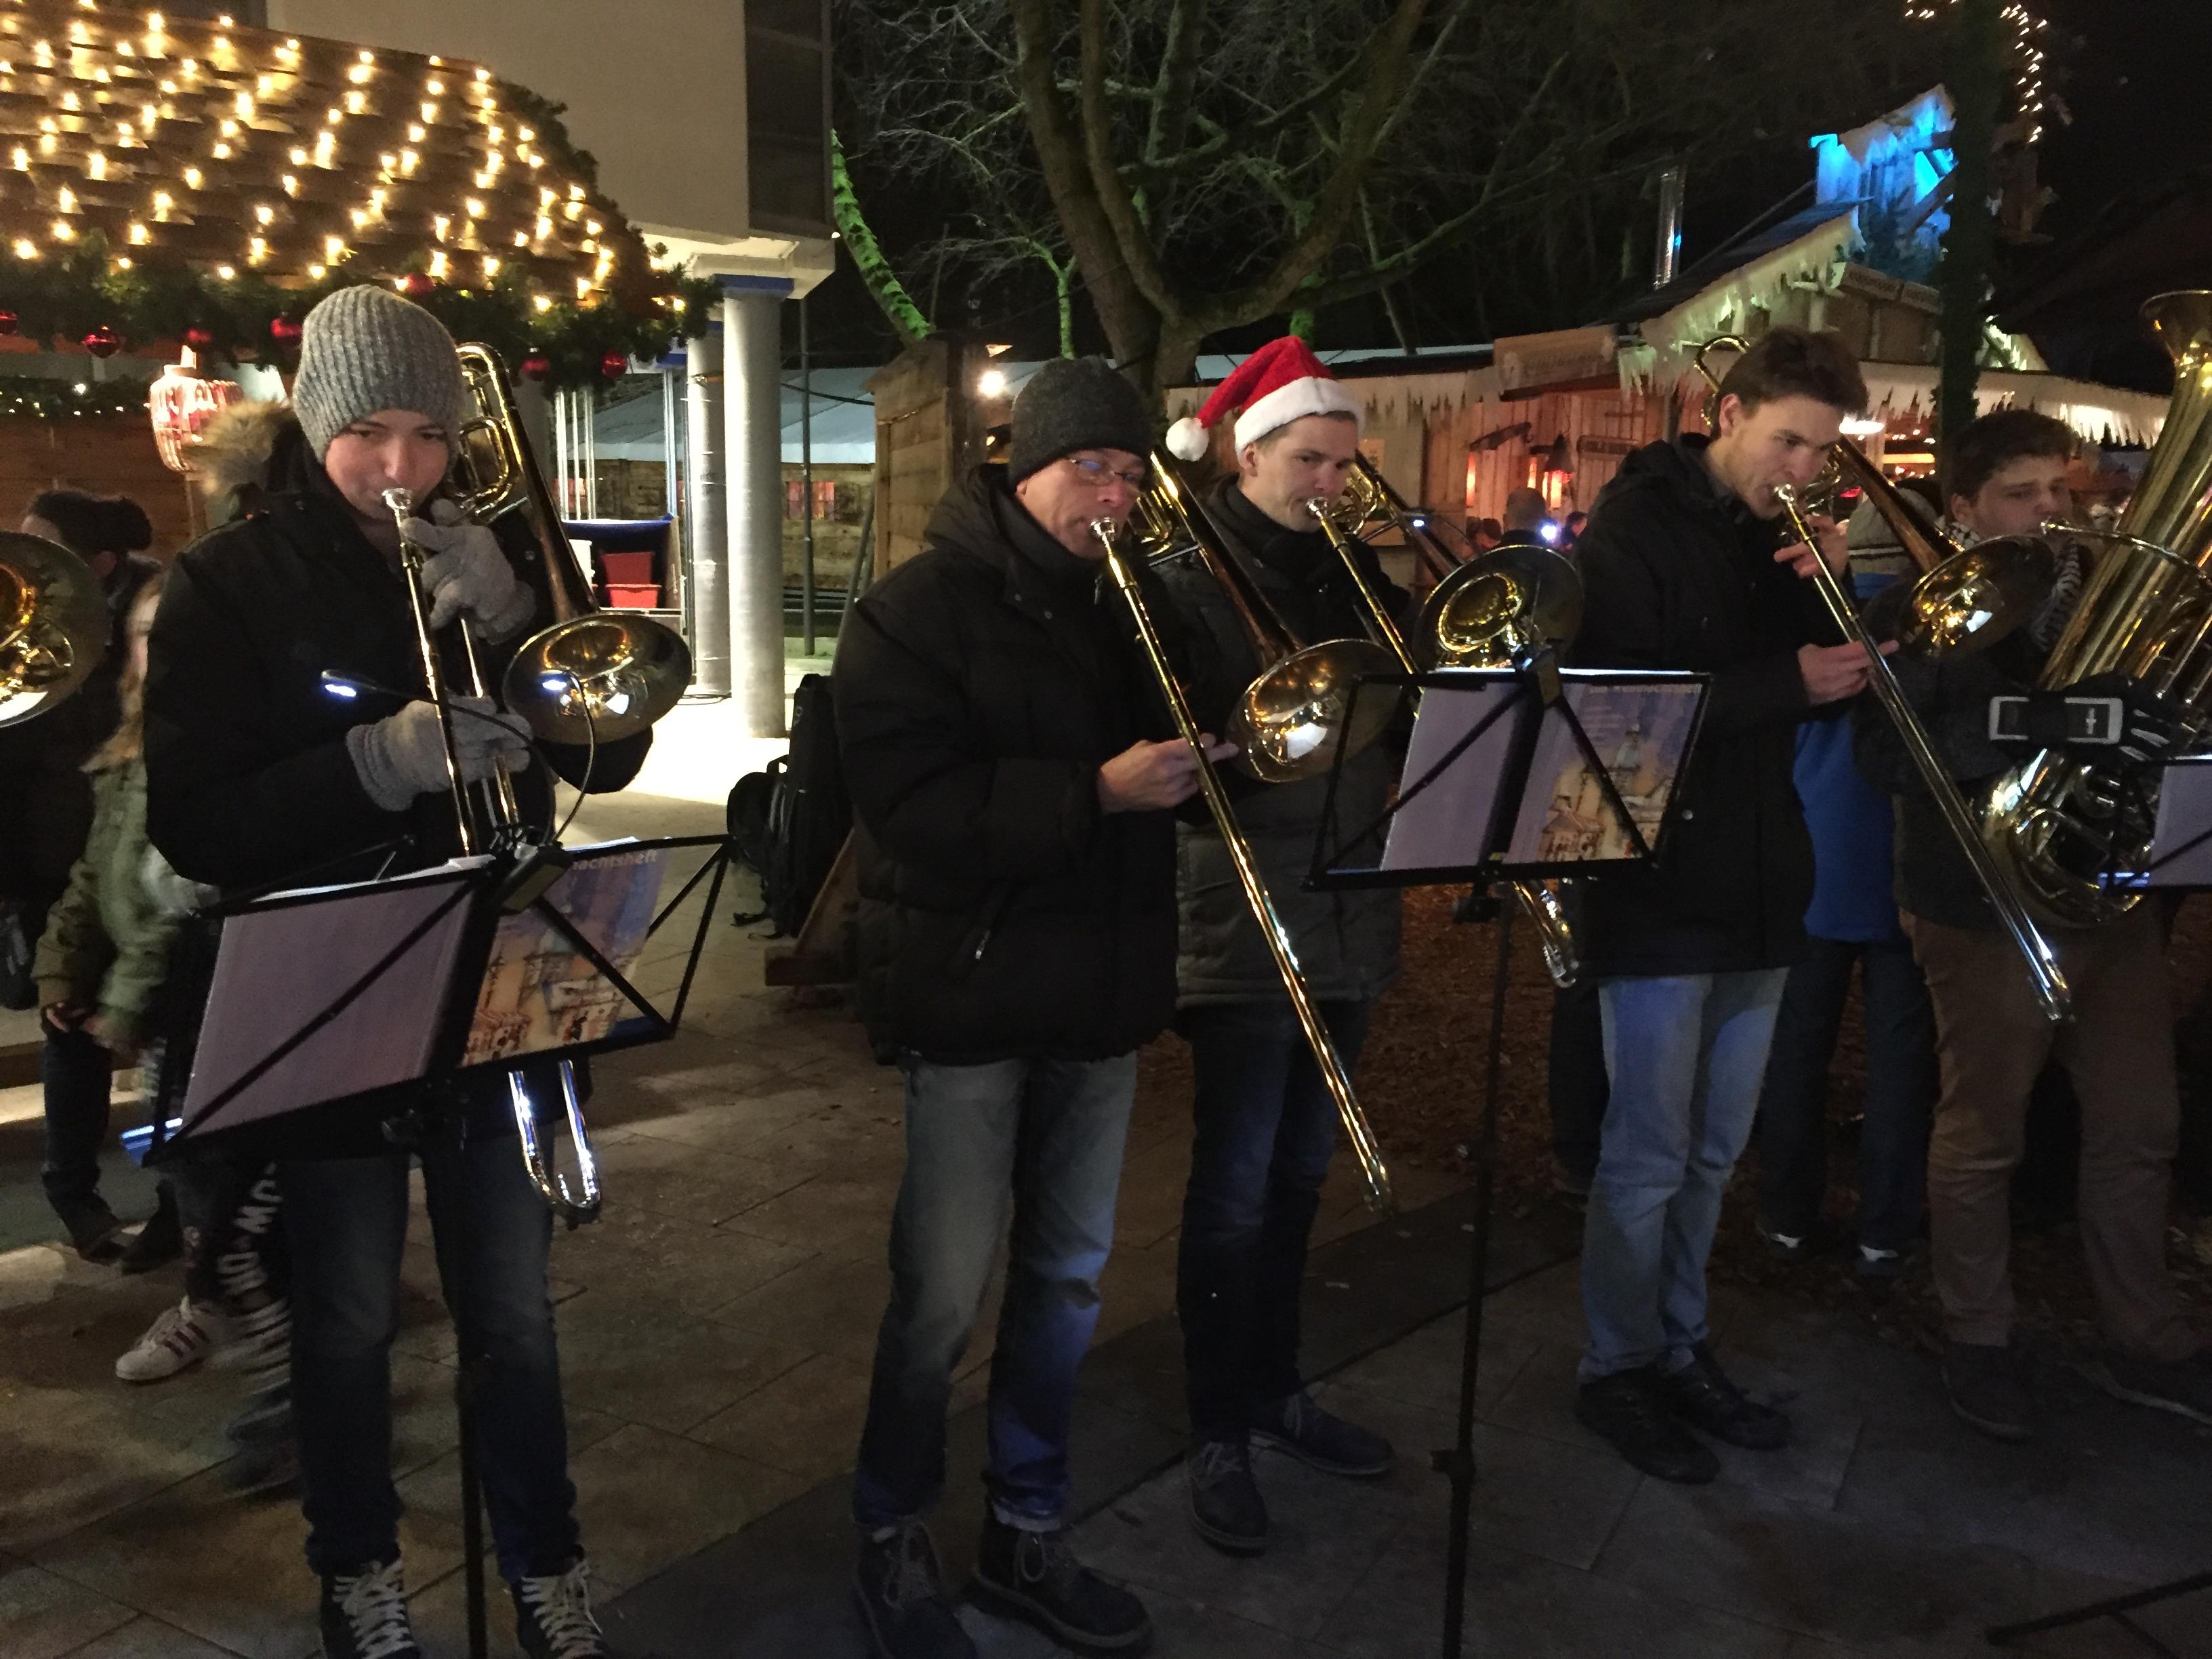 Weihnachtsmarkt Herford 2017